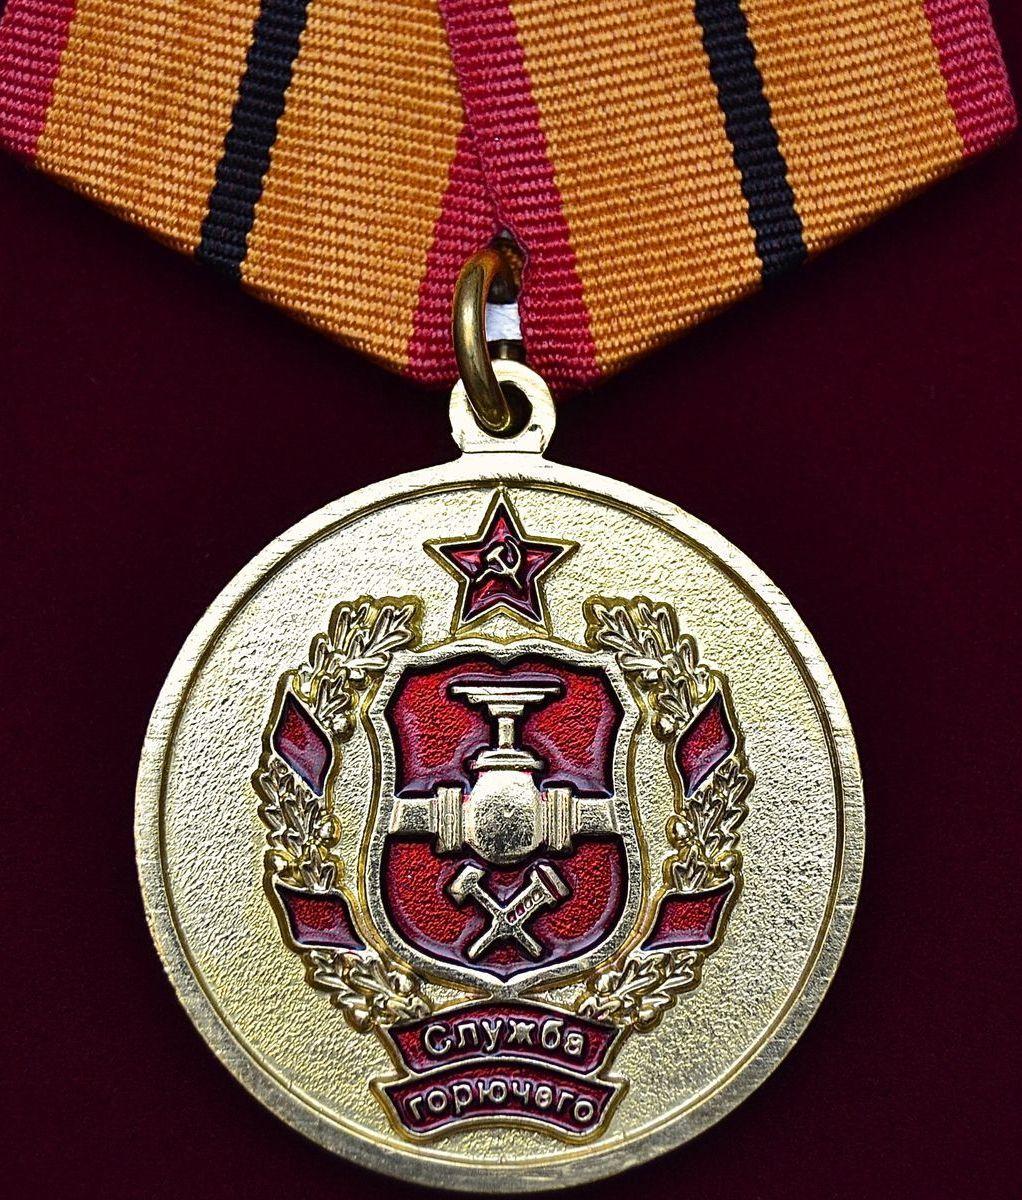 где купить медаль или знак службы горючего